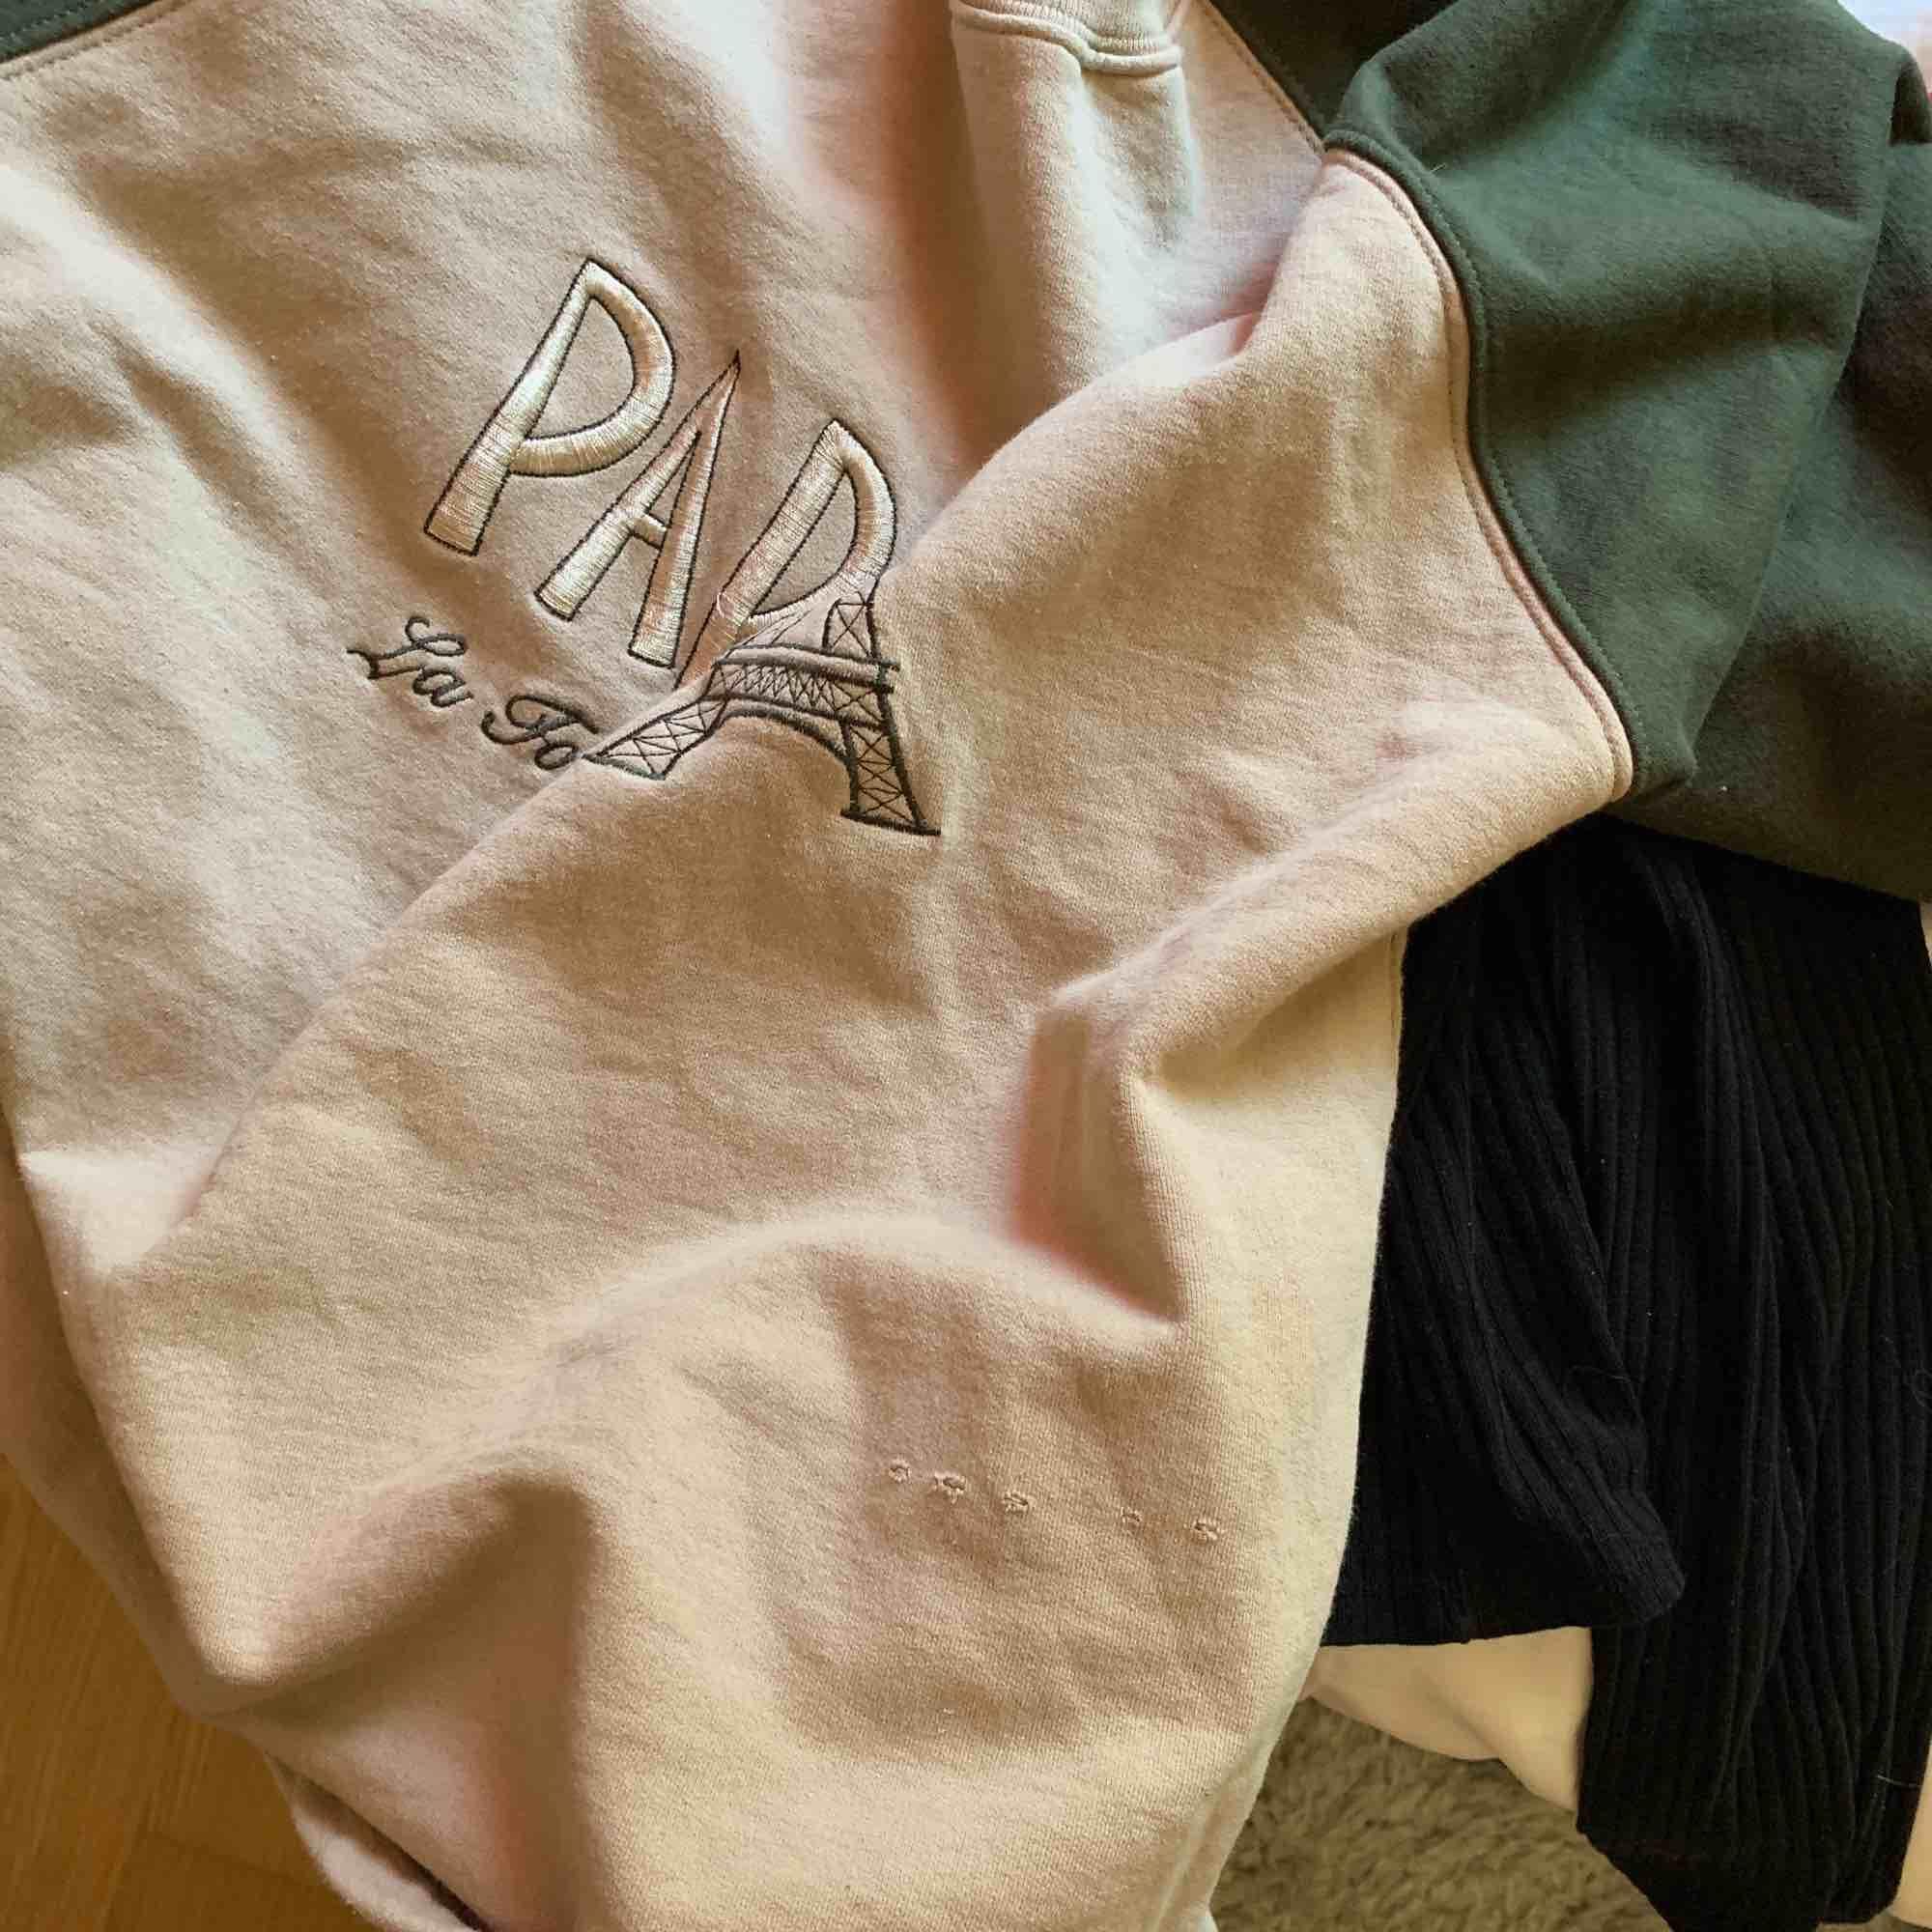 Oversized vintage tröja!! Supermysig inuti, fortfarande mjuk o skön! Jag har använt den en del men inte mycket alls, superfint skick bortsett från ett par hål som inte märks haha! Frakt ca 35 kr men kan även mötas upp i centrala uppsala🤩. Tröjor & Koftor.